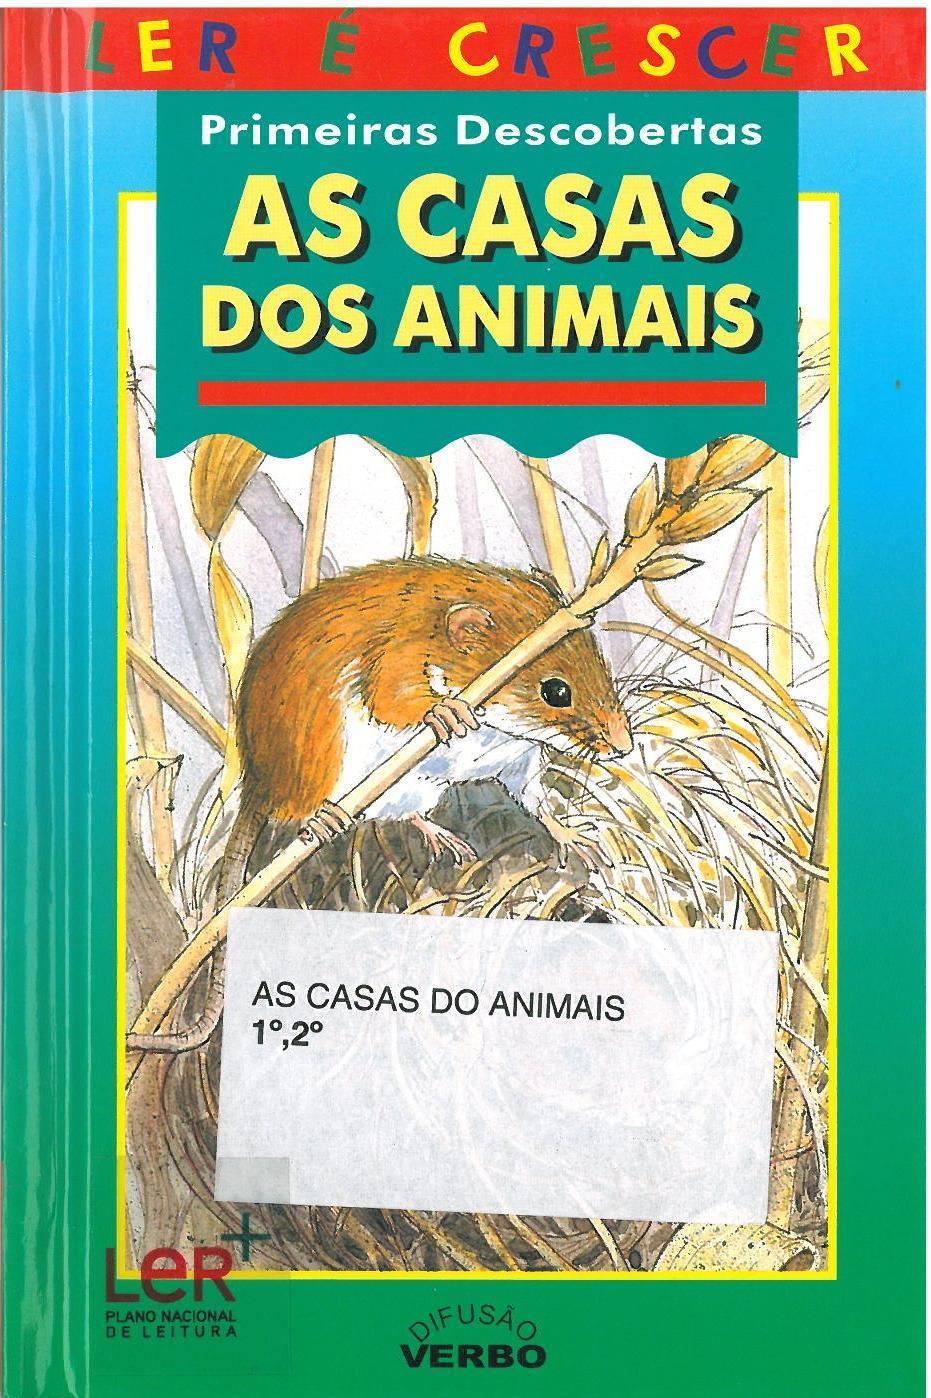 As casas dos animais_.jpg